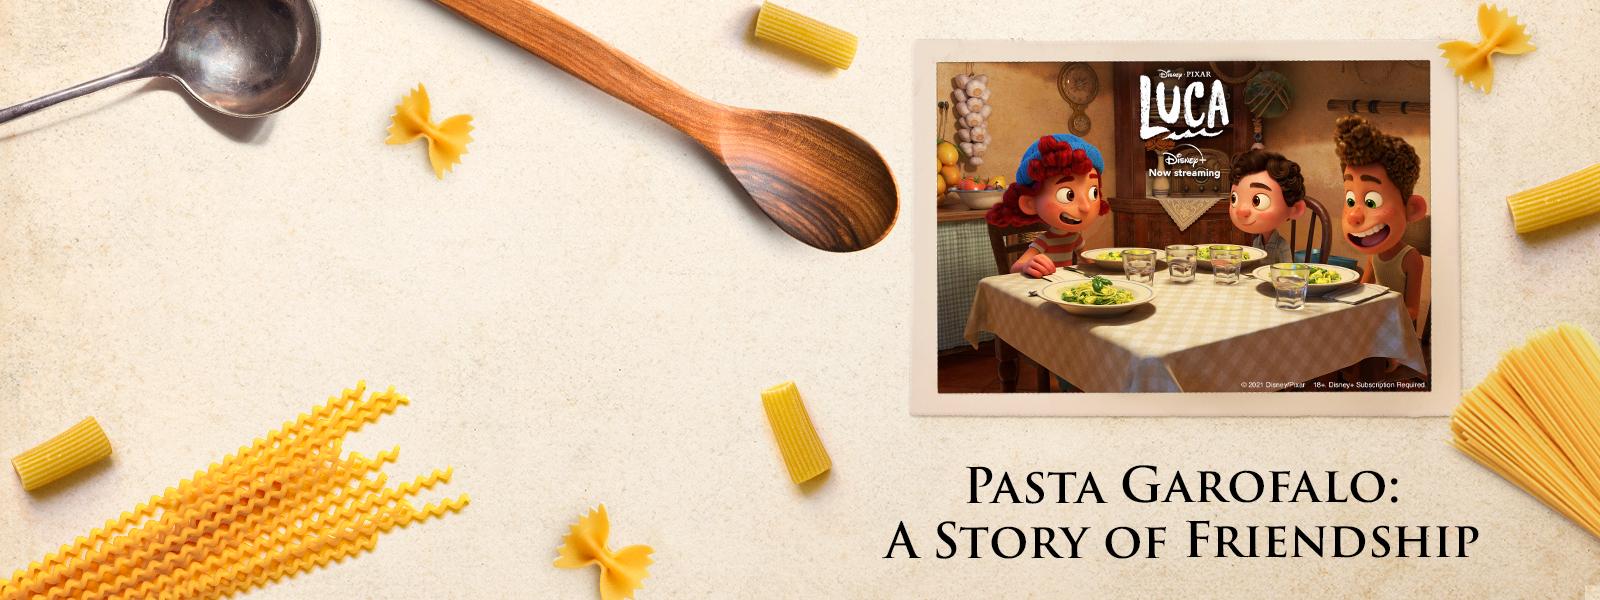 Pasta Garofalo célèbre le goût de l'été italien avec le film Luca de Disney et Pixar